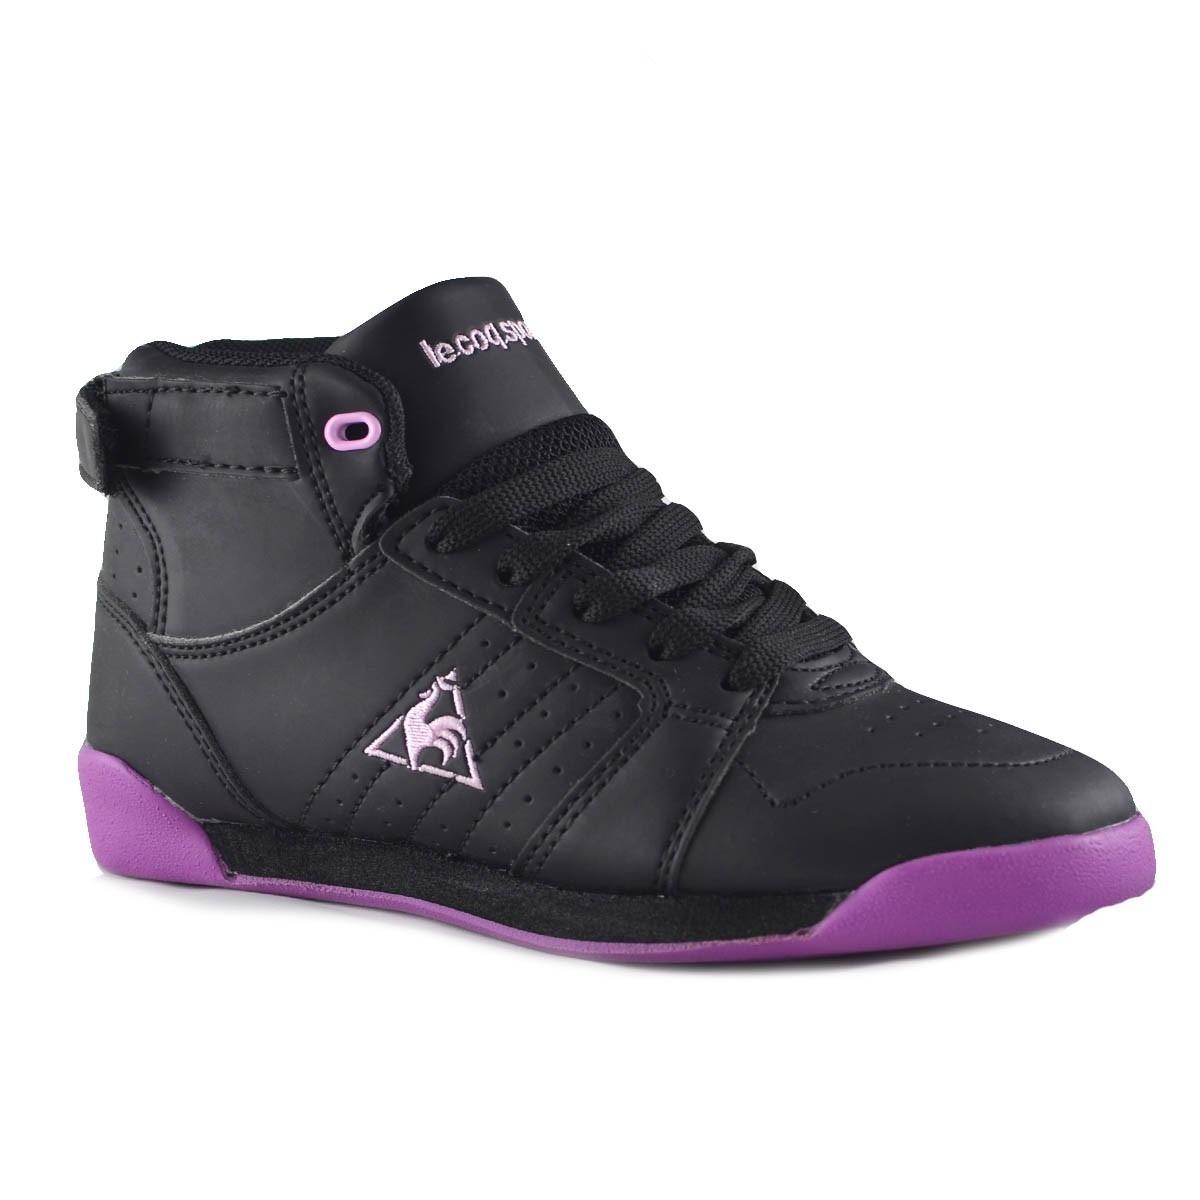 5c154f0d9 zapatillas botita le coq sportif orlando hi niñas. Cargando zoom.